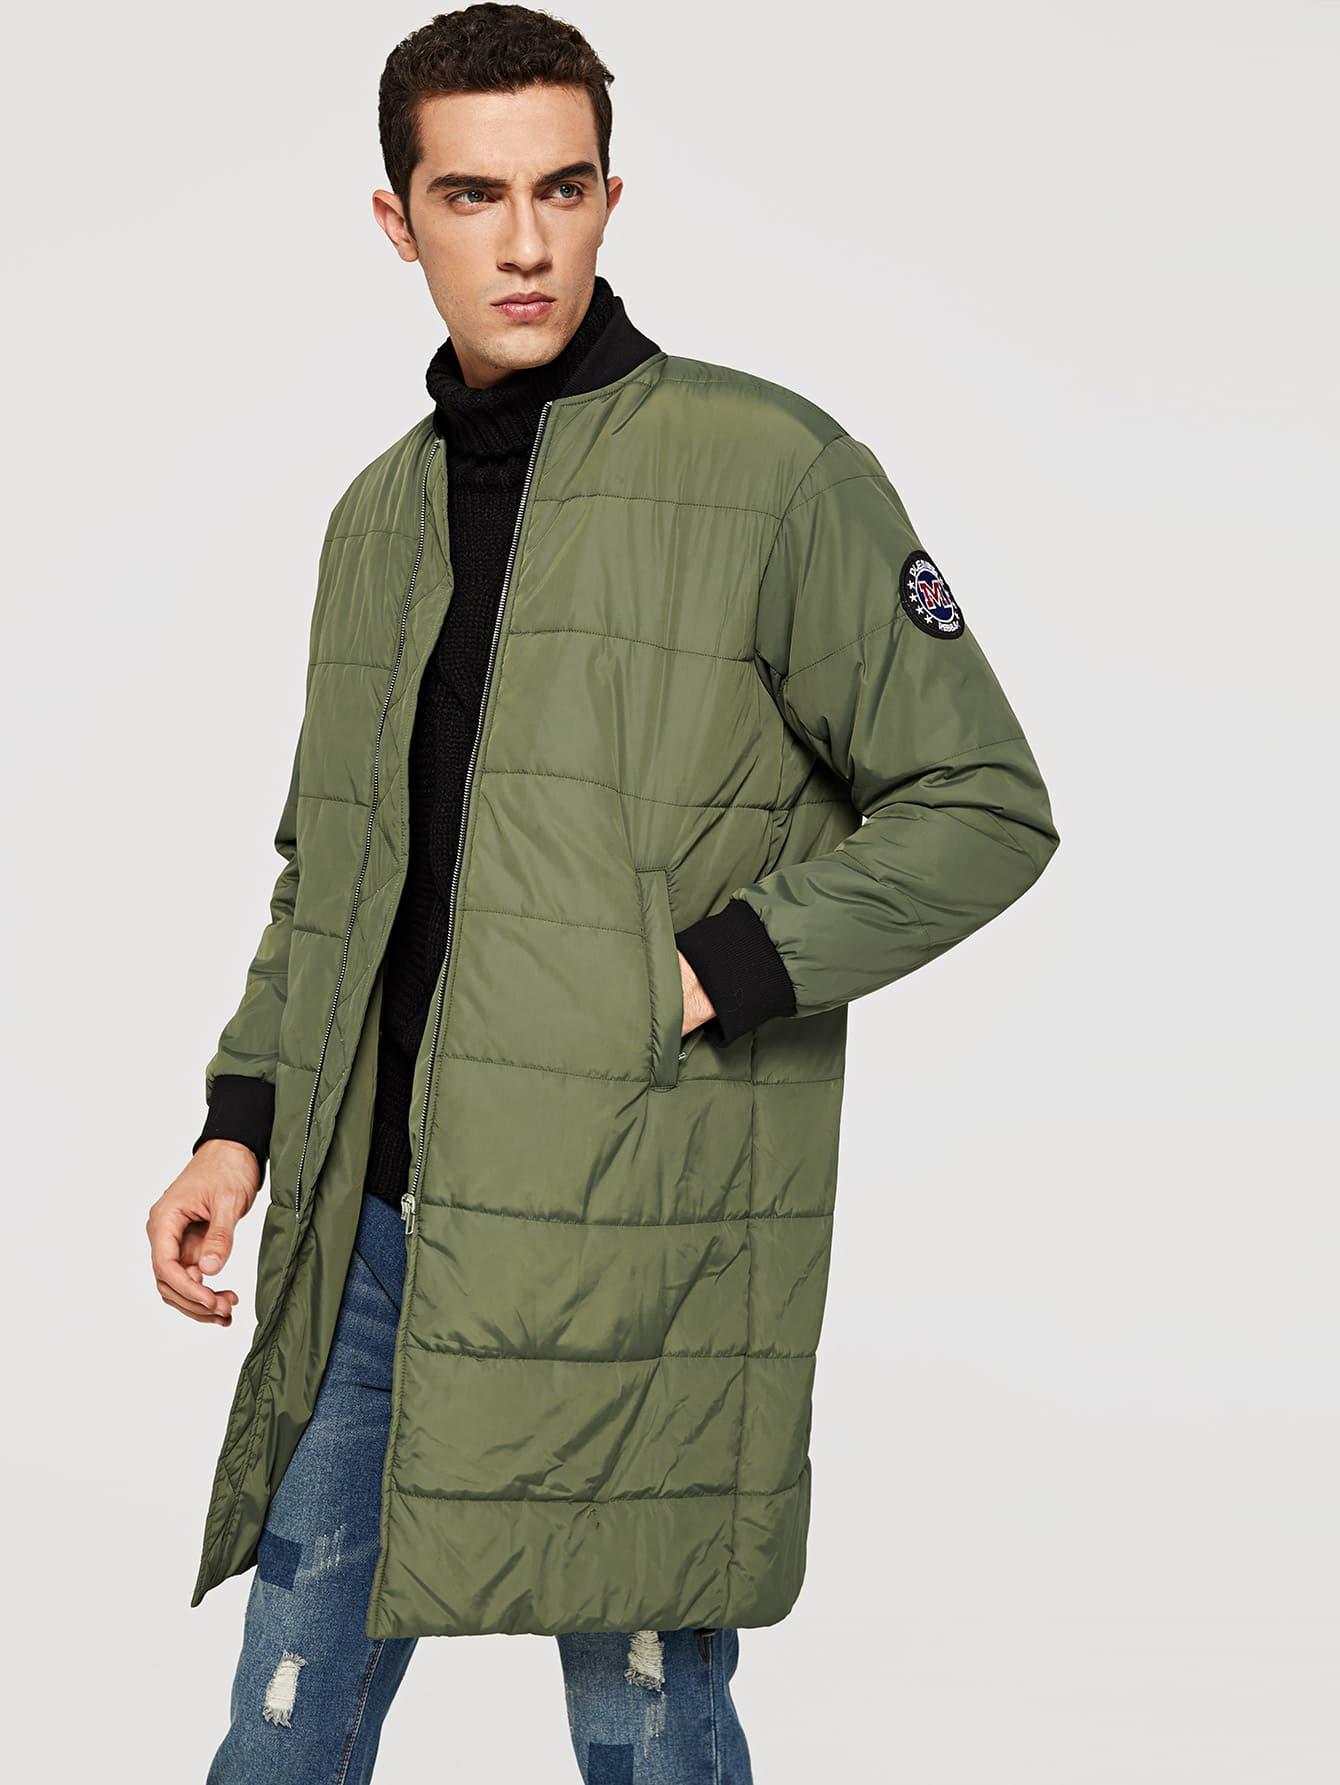 Купить Пальто с застёжкой молния и с украшением заплаты для мужчины, Lucas, SheIn